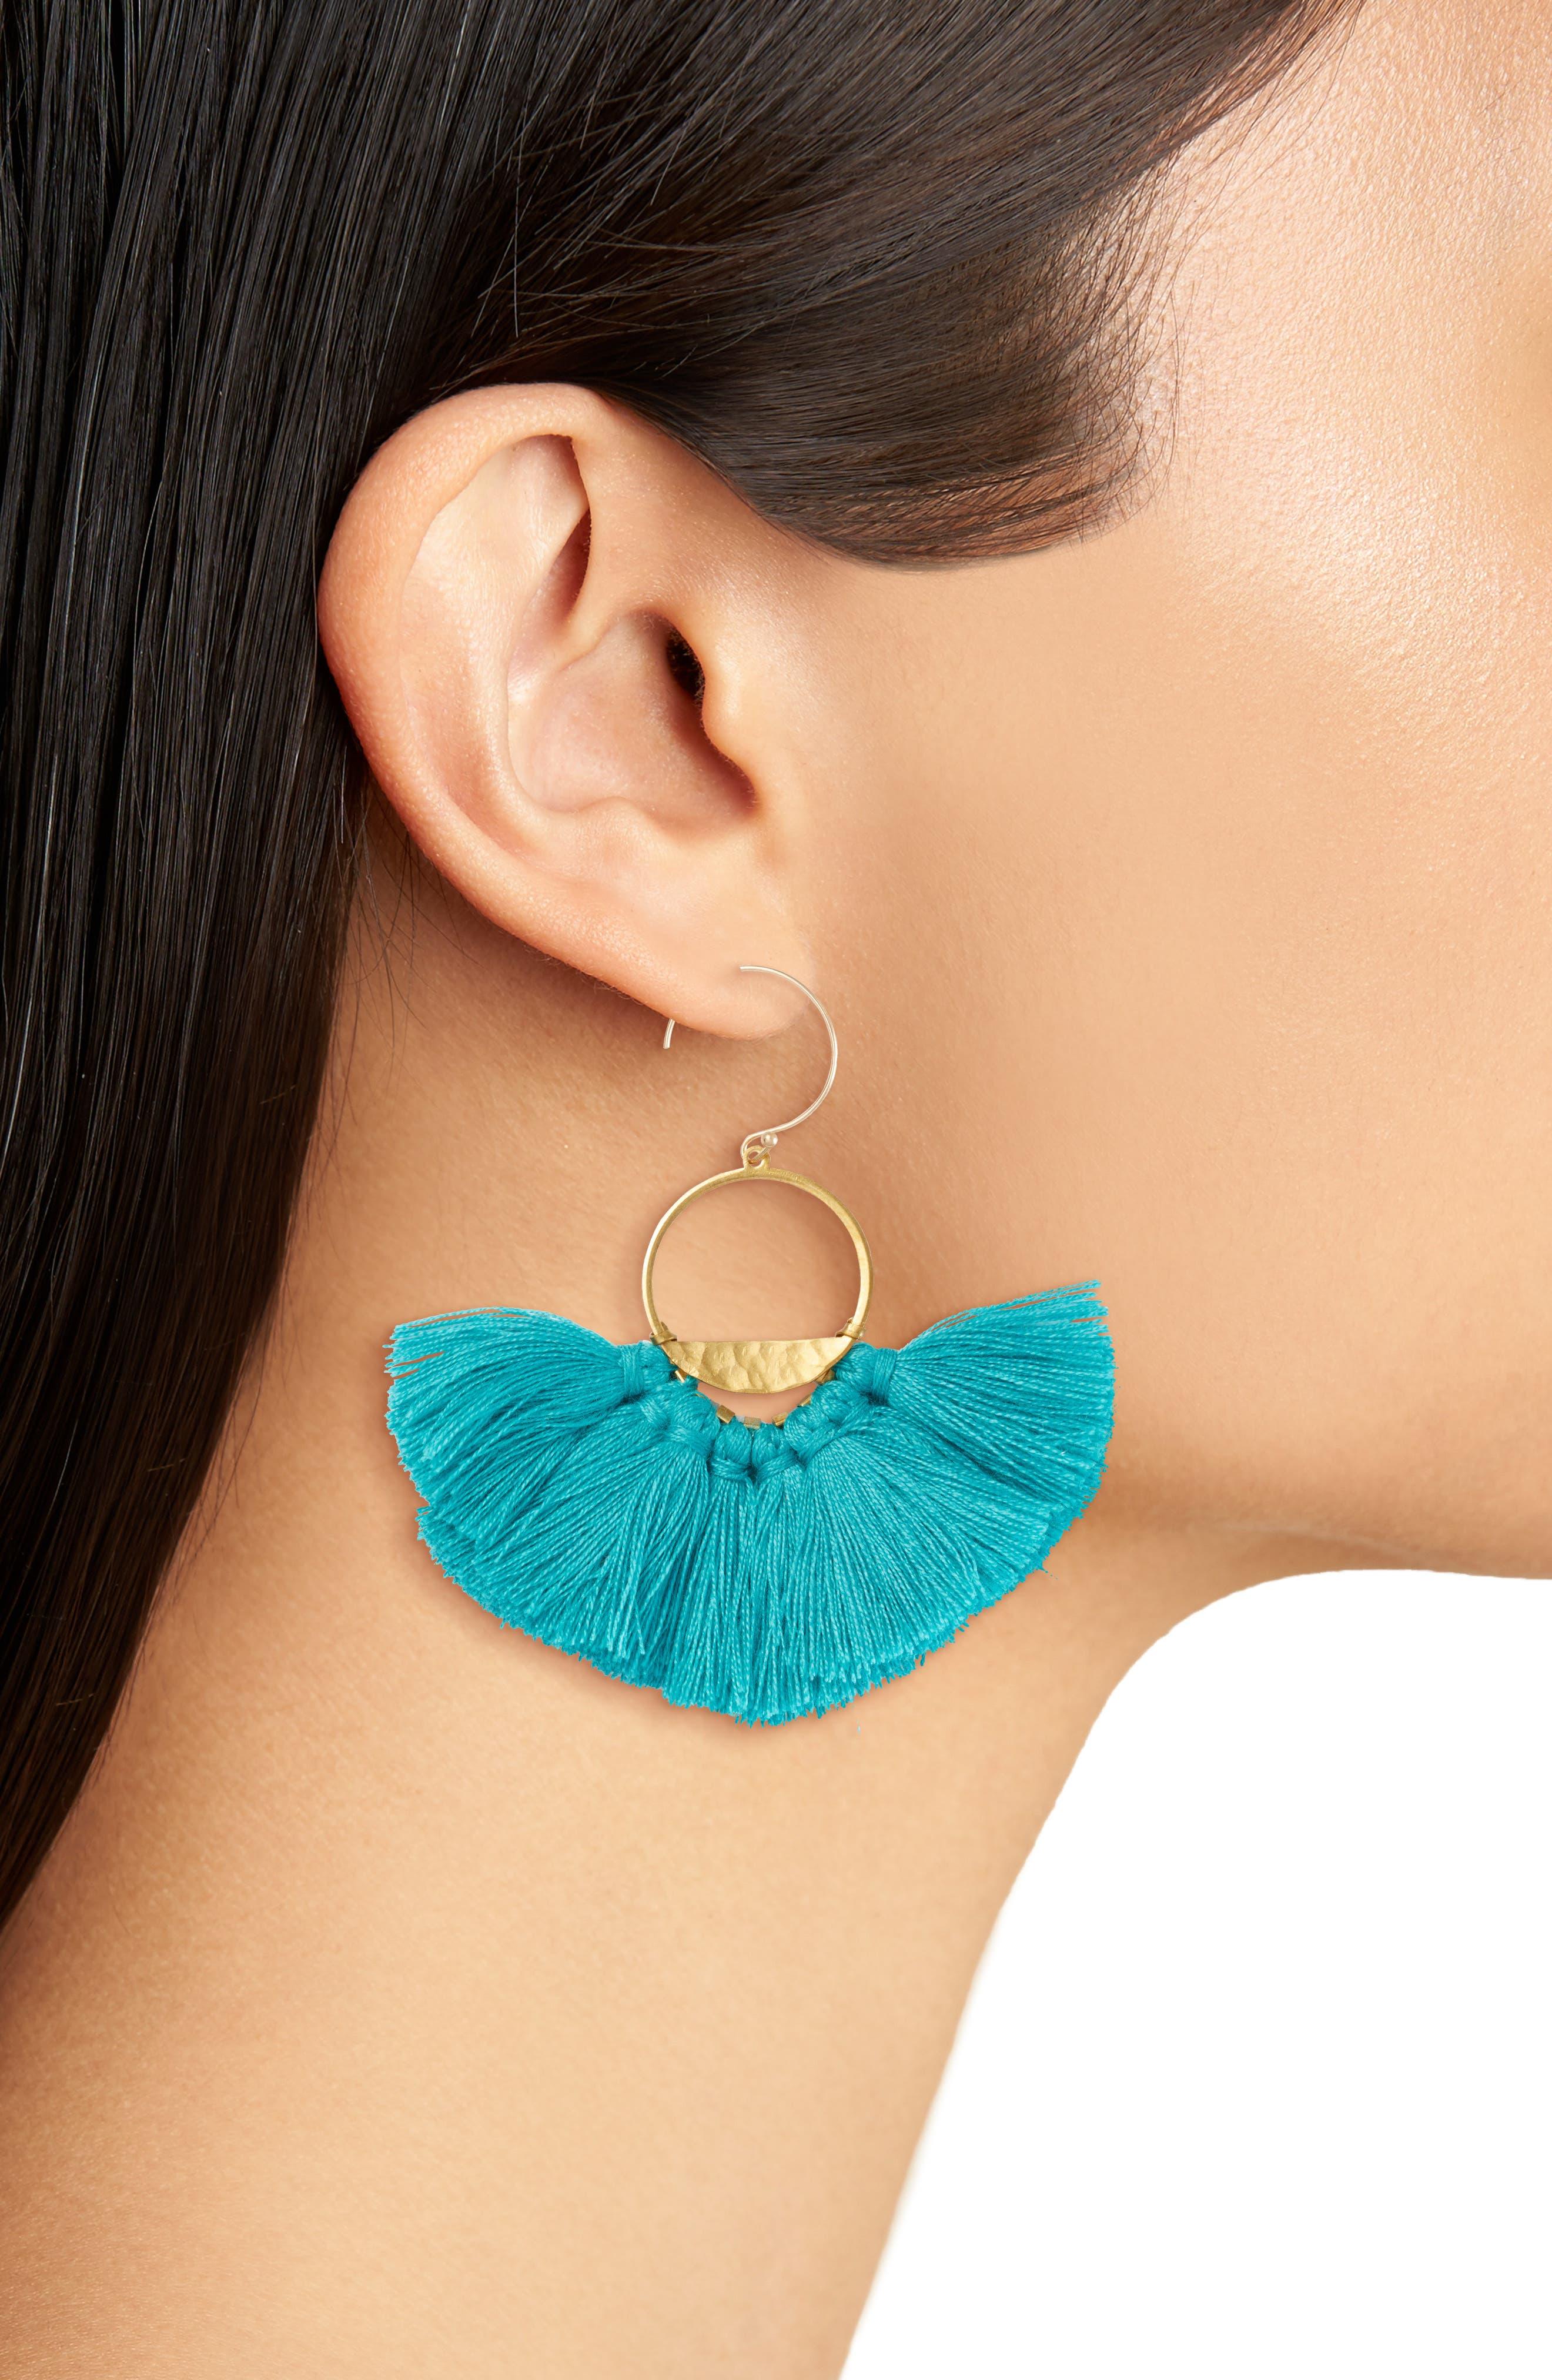 Flutter Tassel Earrings,                             Alternate thumbnail 2, color,                             Turquoise/ Gold